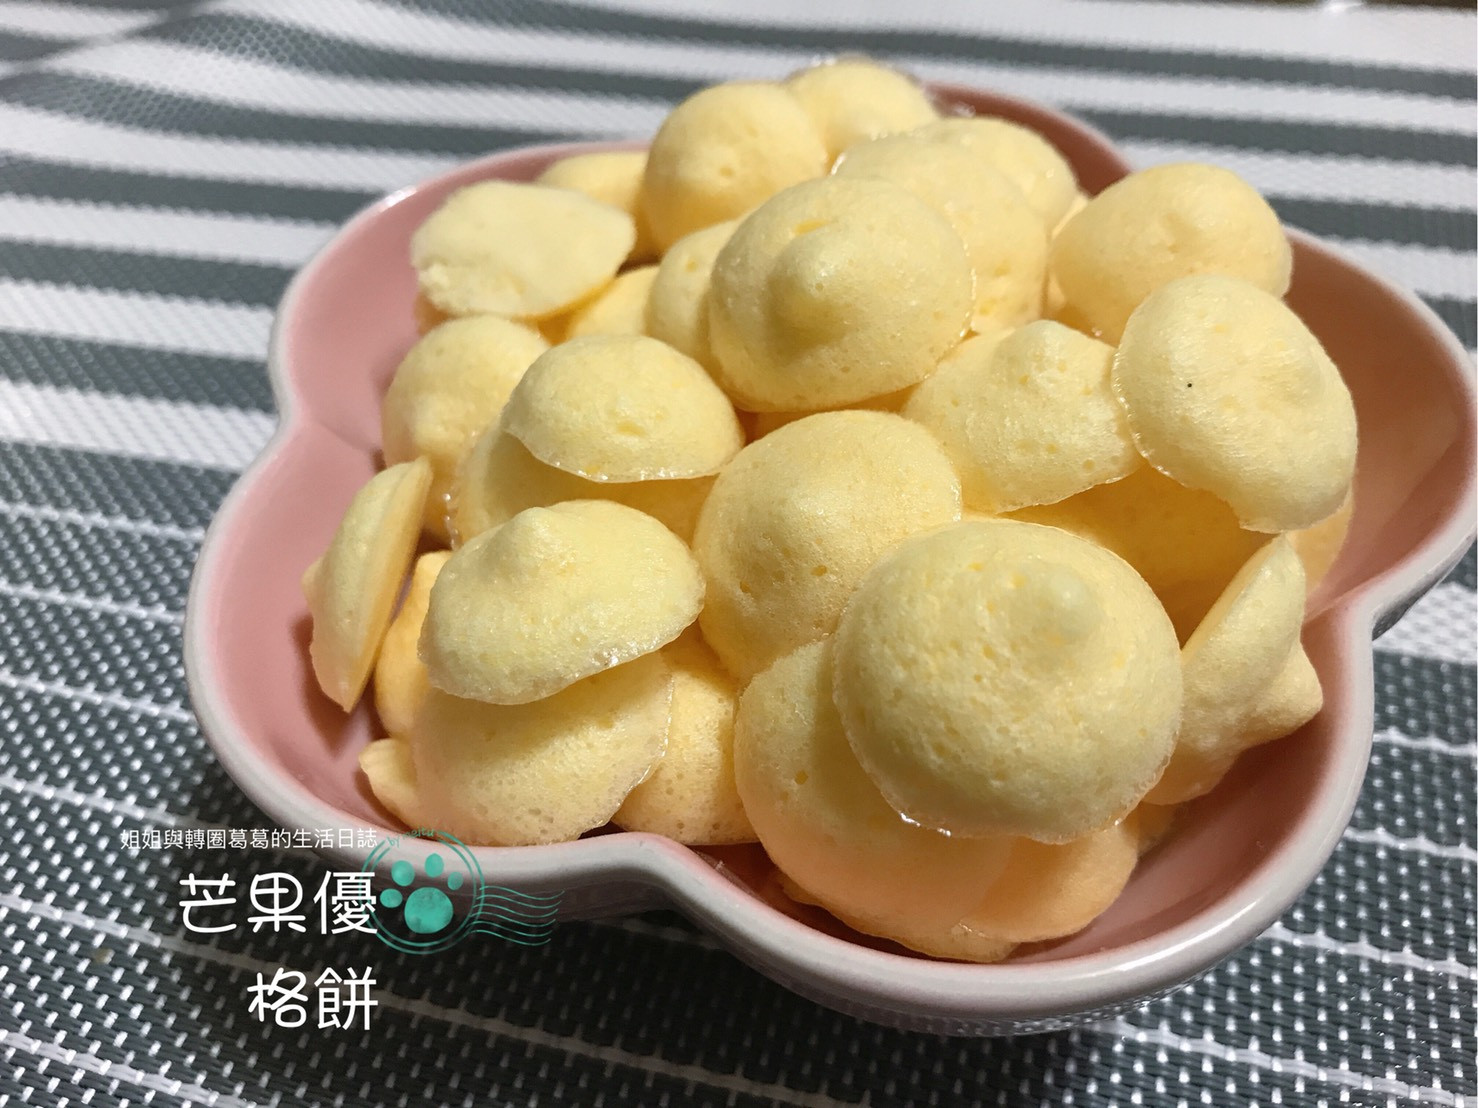 【寶寶食譜】芒果優格餅